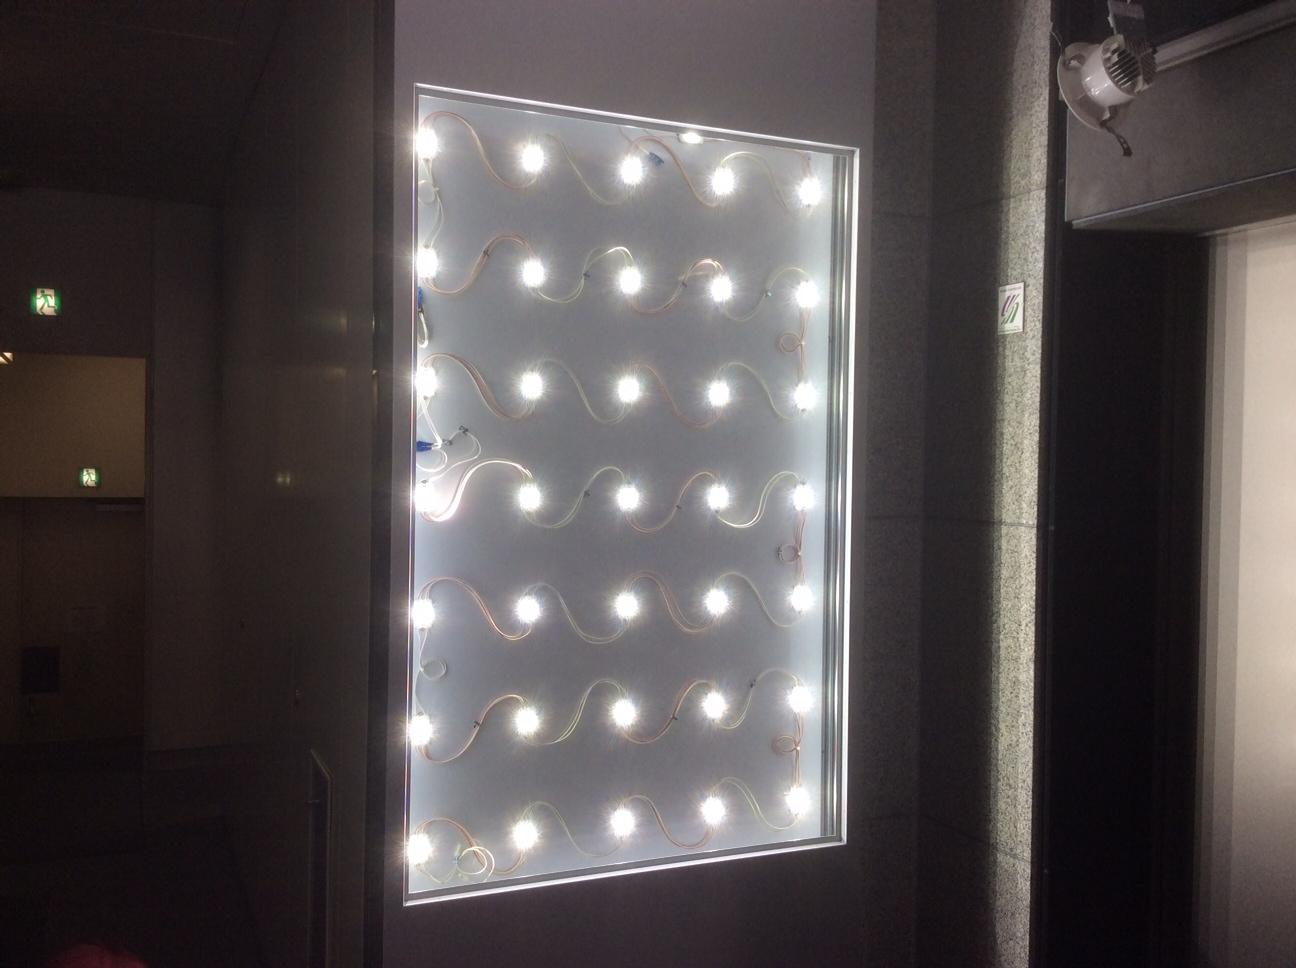 清水建設様 菱進銀座イーストミラービル 壁面サインLED点灯チェック